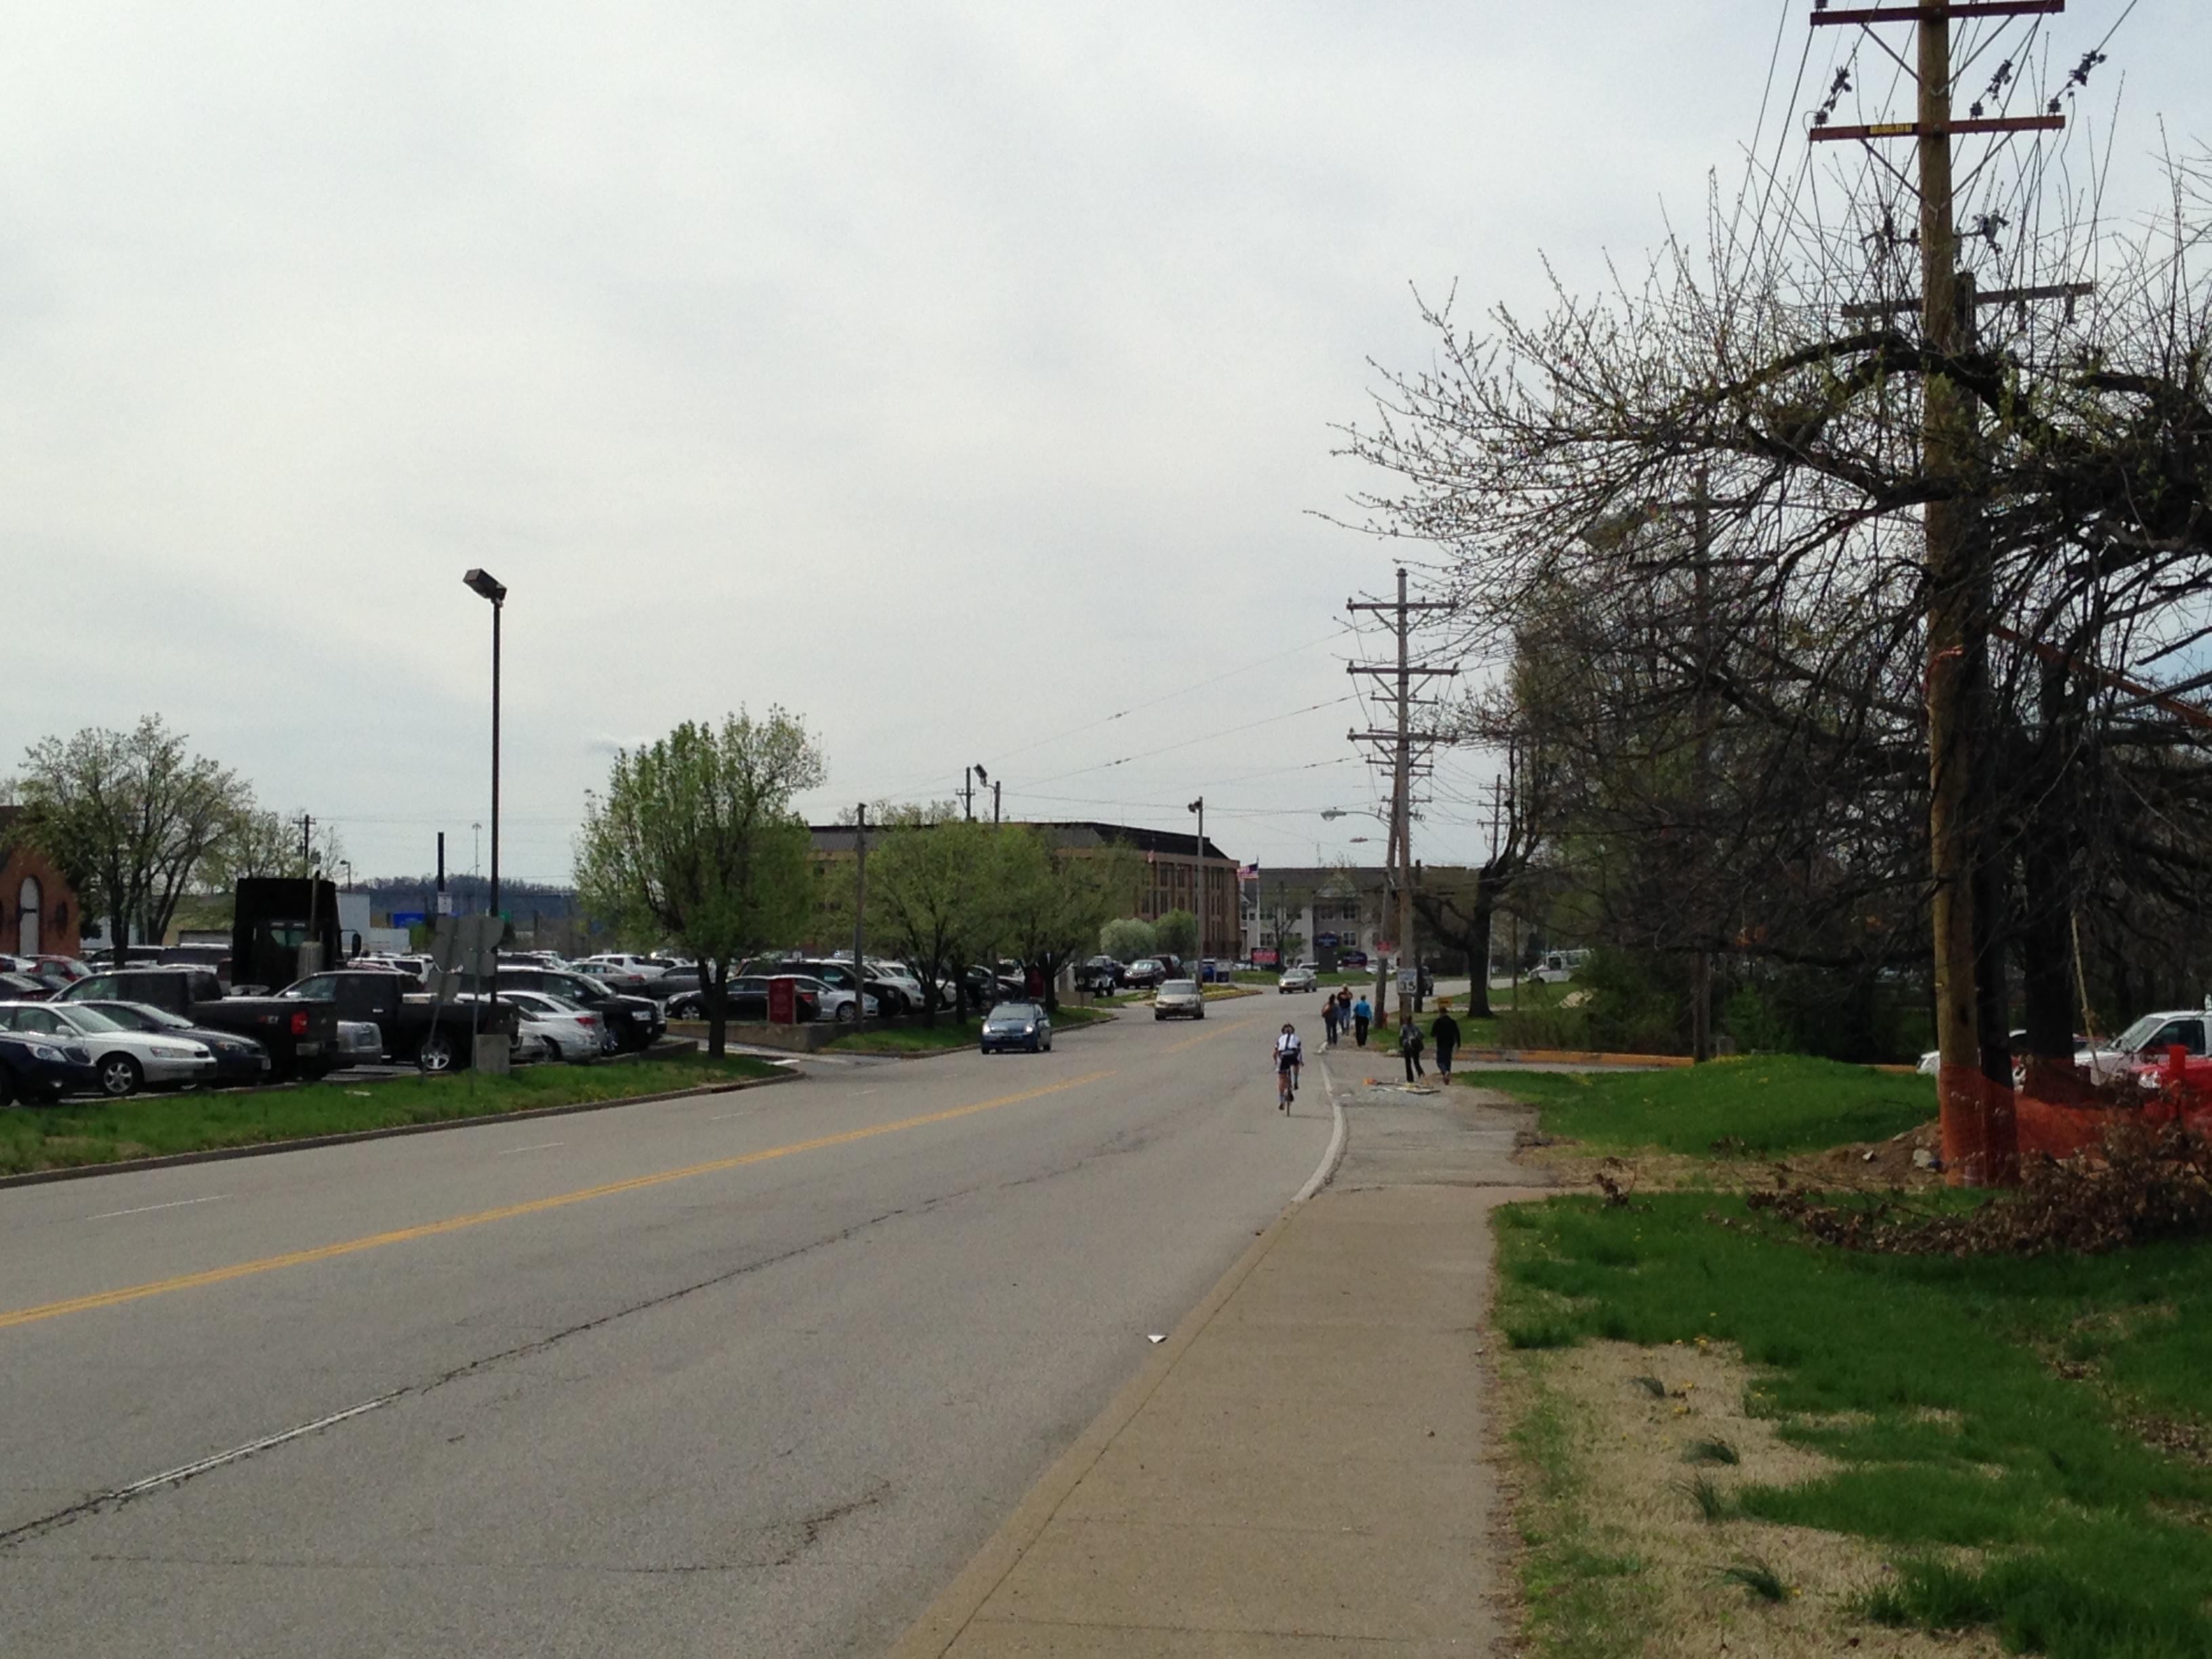 Philliips Lane lack of sidewalks